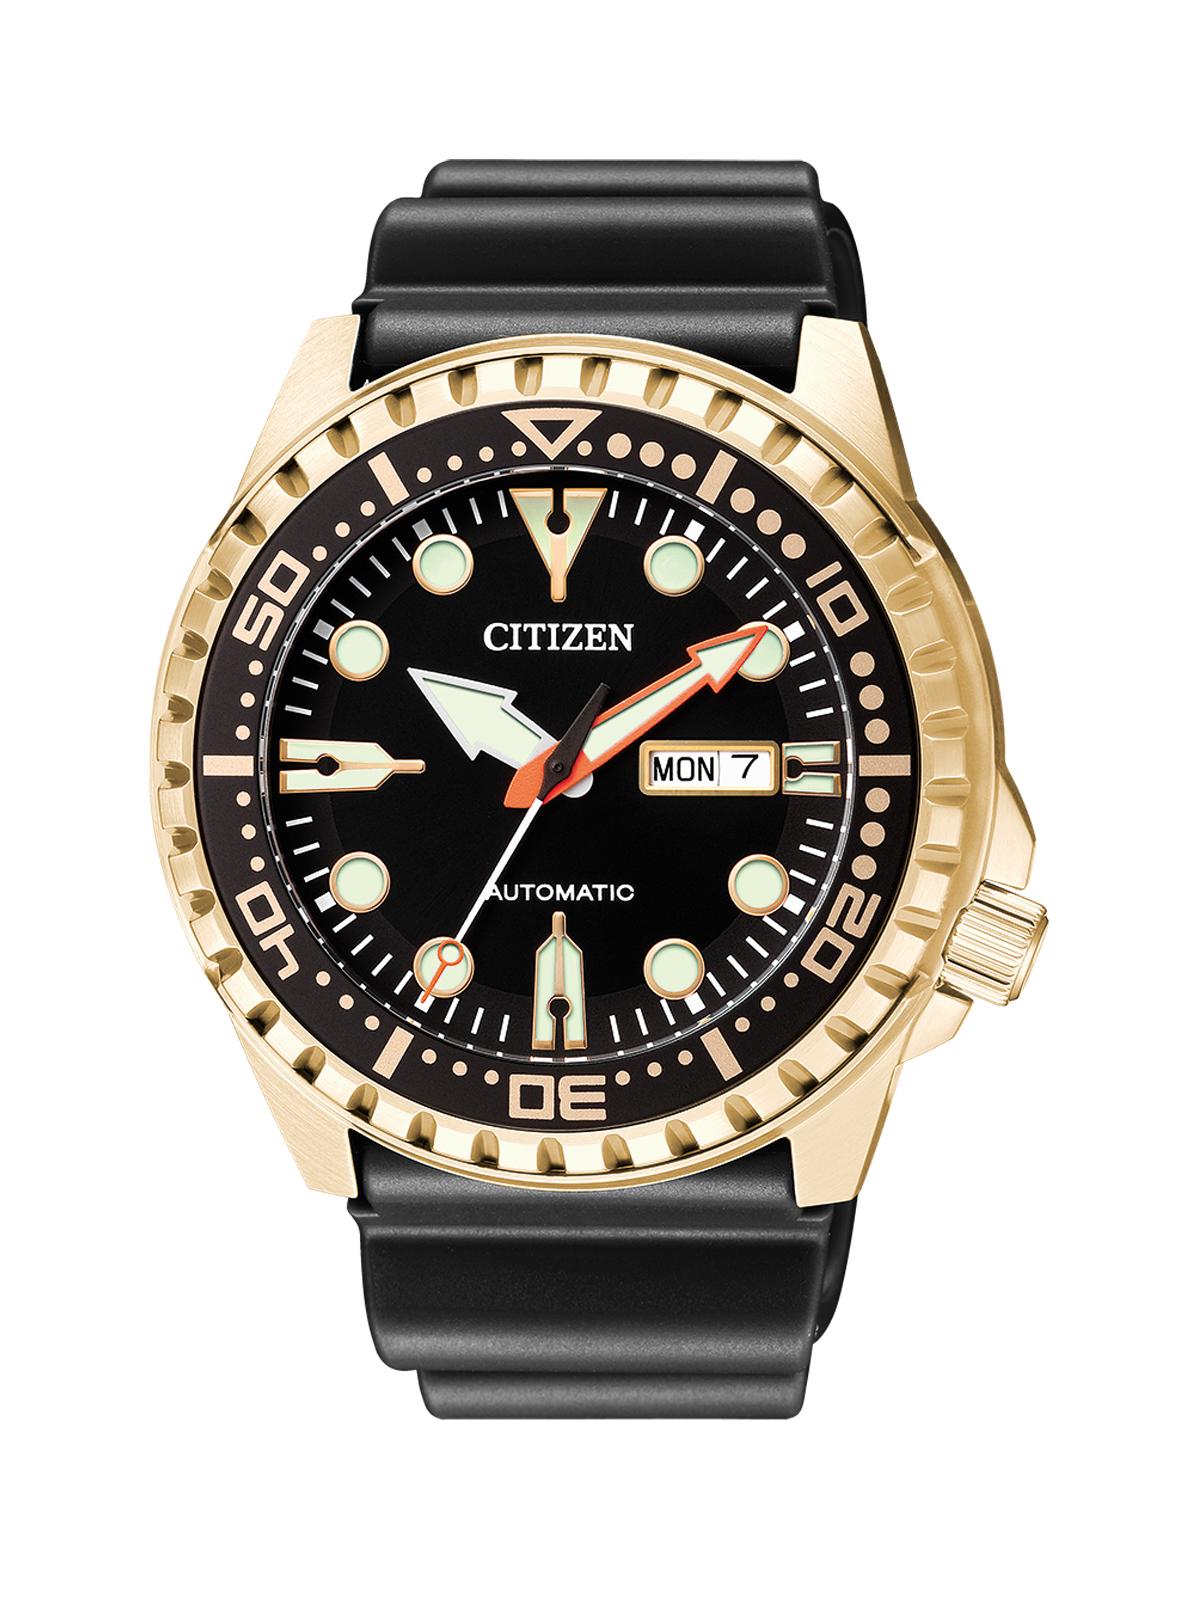 Citizen Automatik Day Date